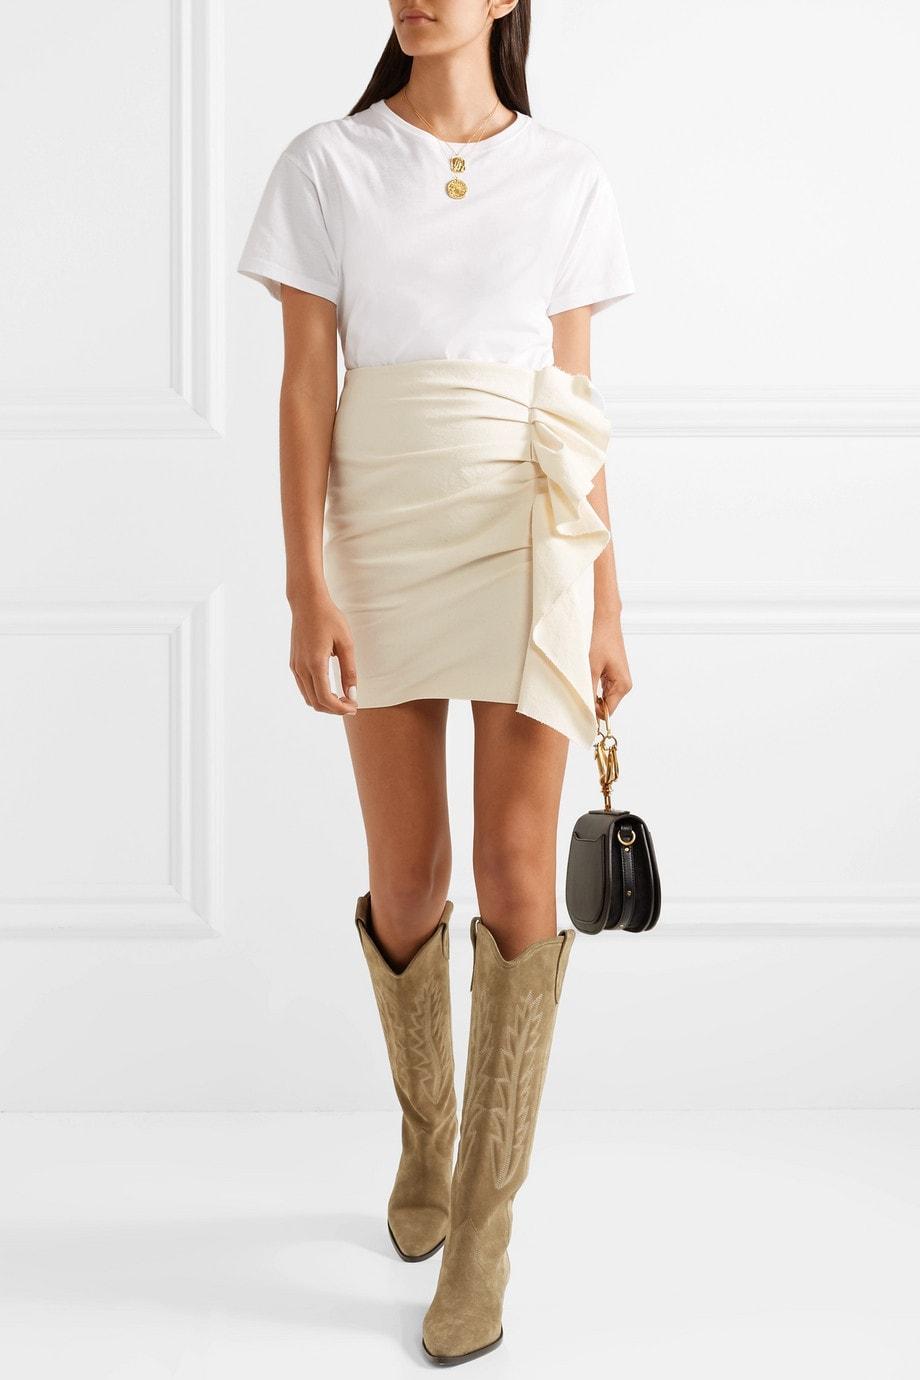 kniehohe Cowboy Boots und Westernstiefel alltagstauglich kombinieren